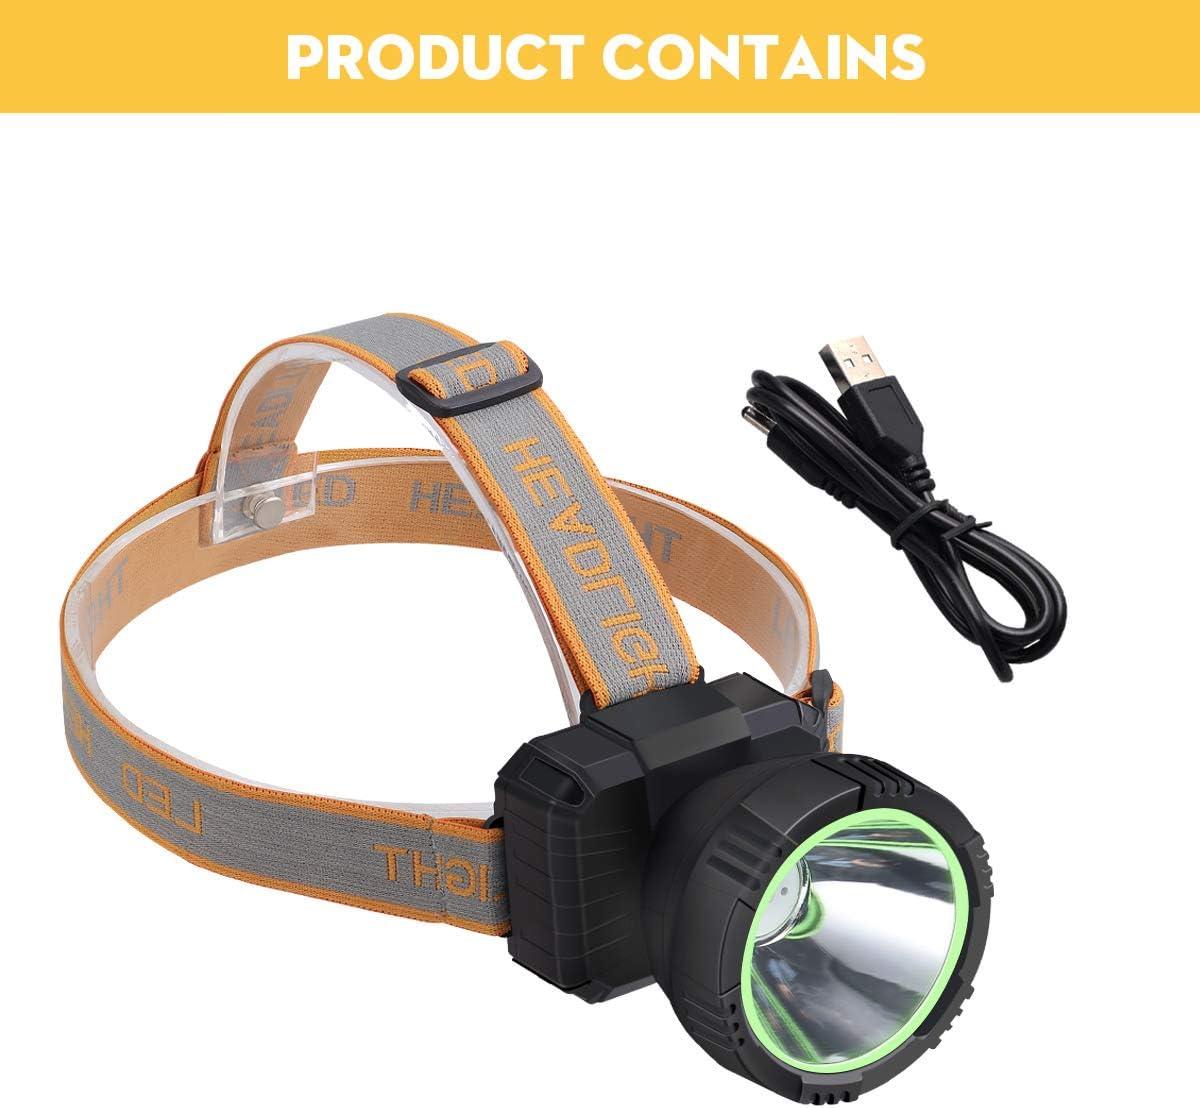 Fy-Light Smart Touch Sensitive LED Stirnlampe Wasserdicht Outdoor Stirnlampe USB Wiederaufladbare Taschenlampe f/ür Camping /& Reparatur